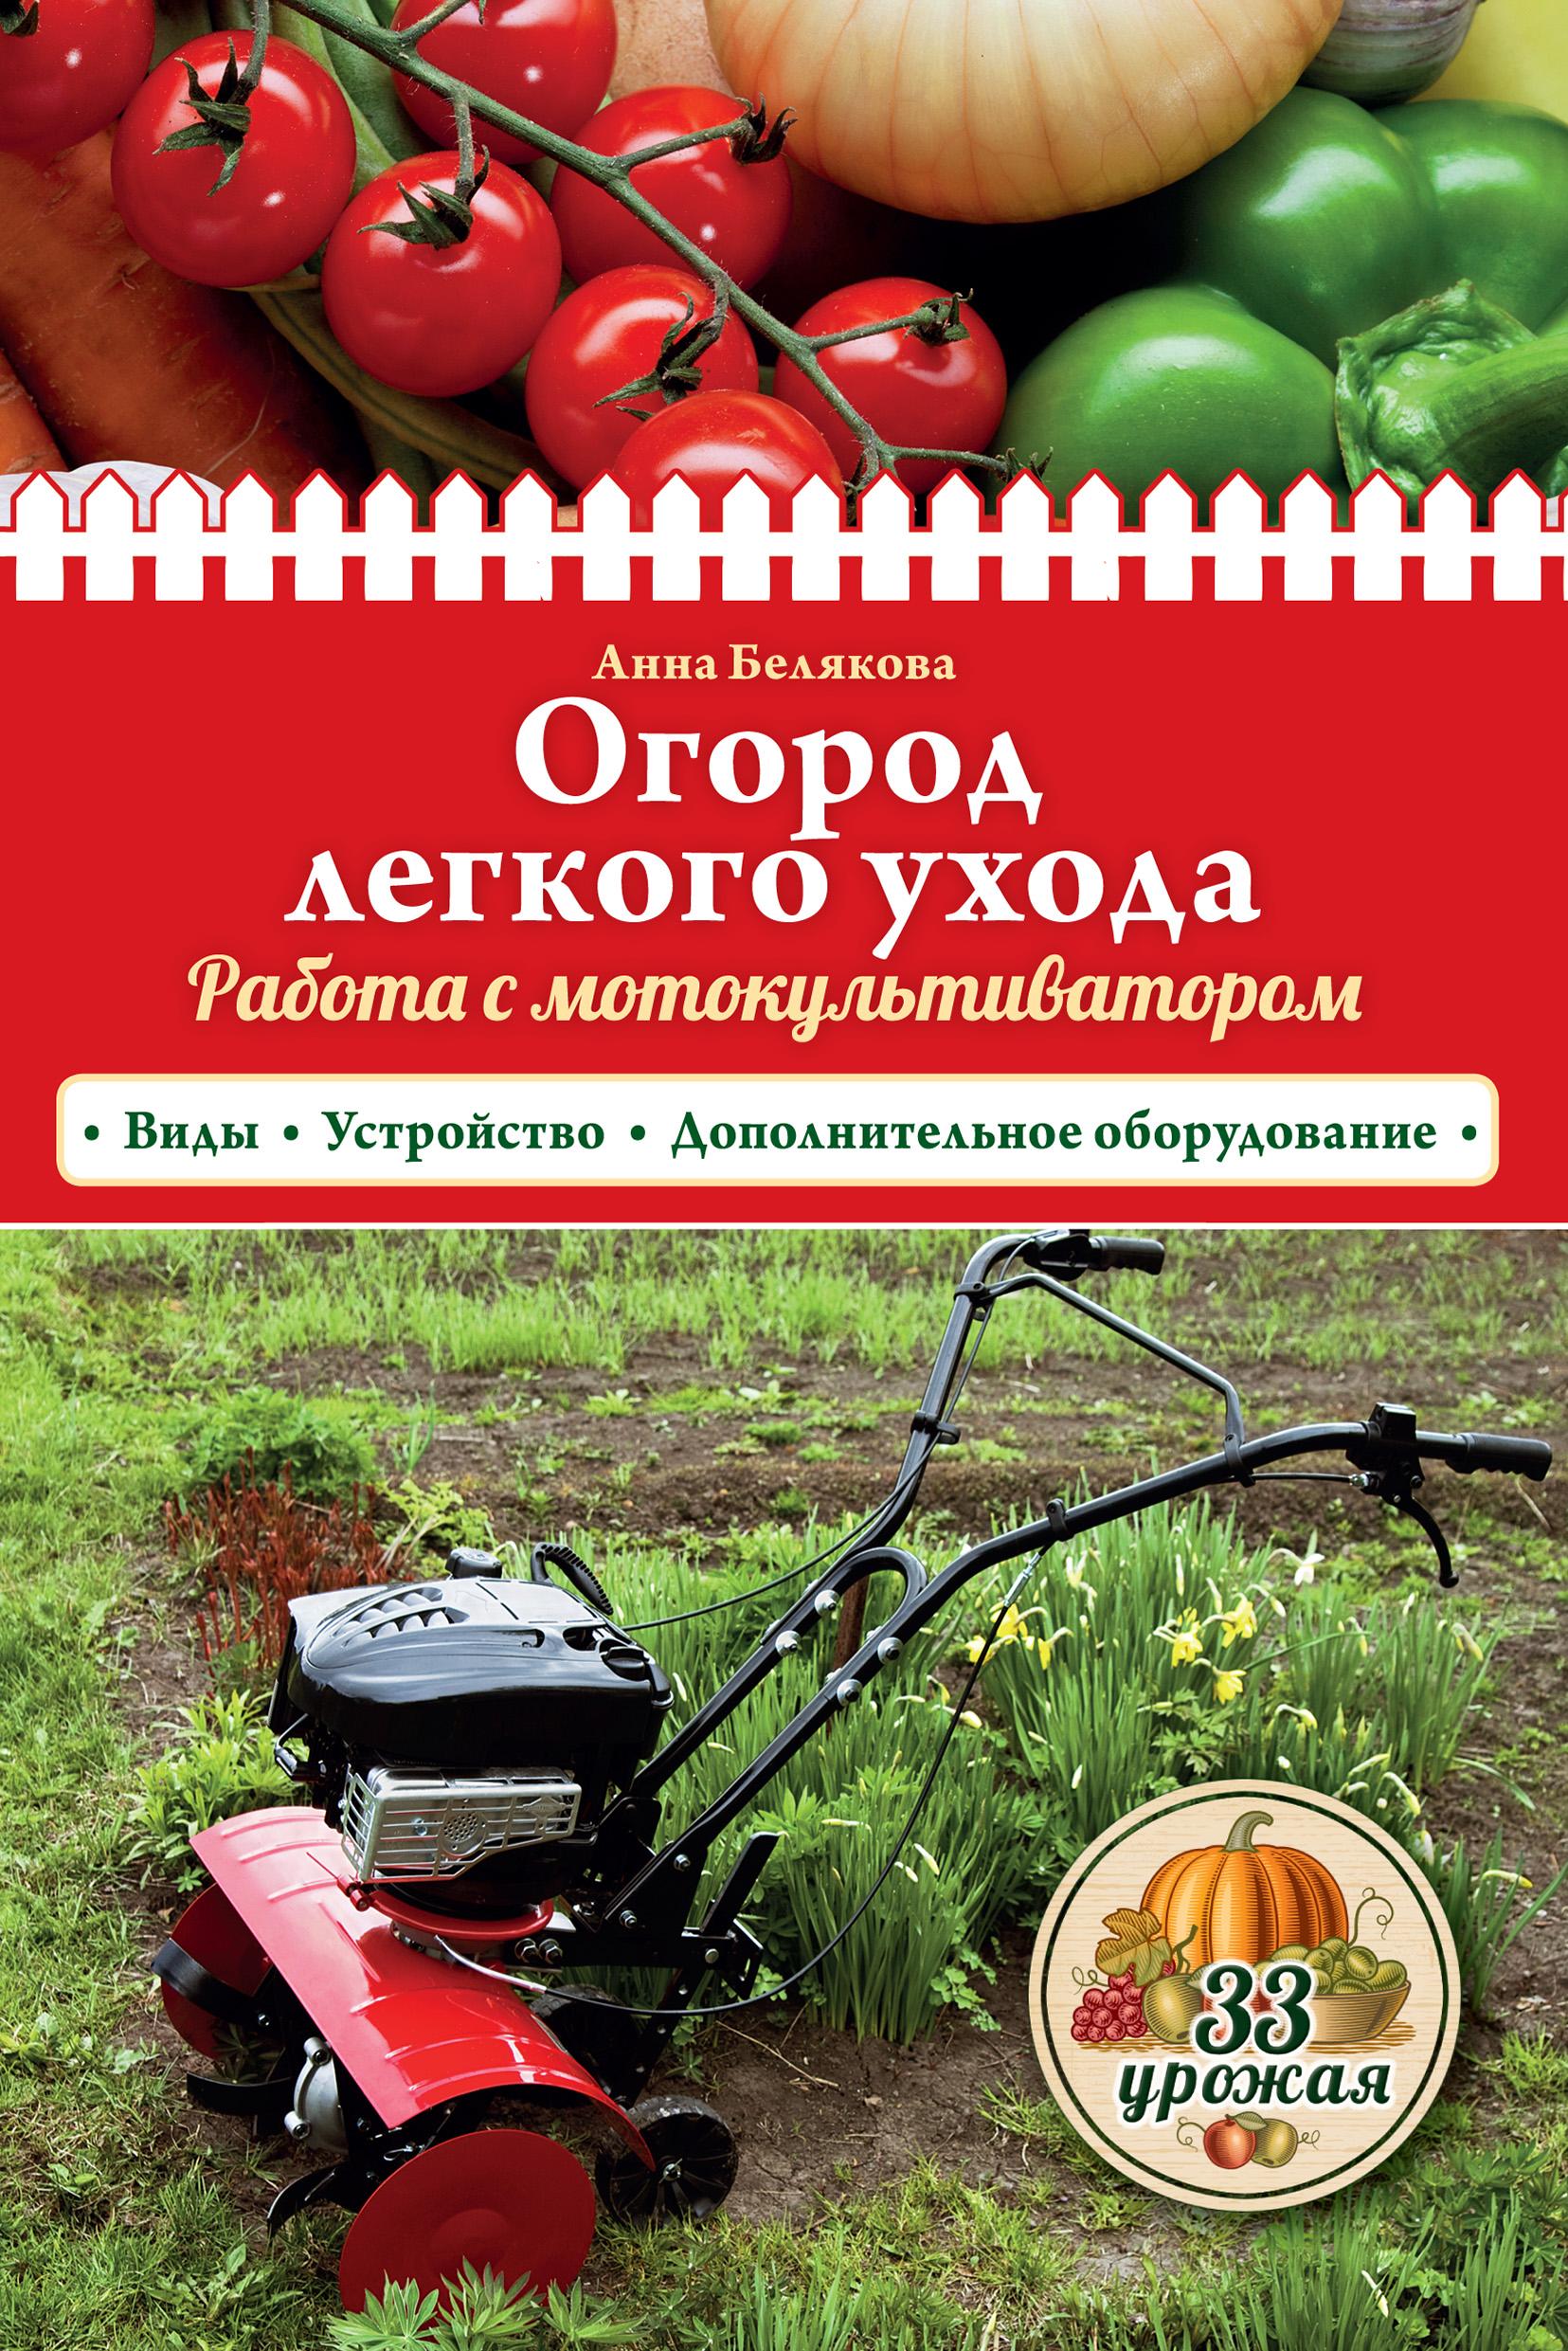 Анна Белякова Огород легкого ухода. Работа с мотокультиватором